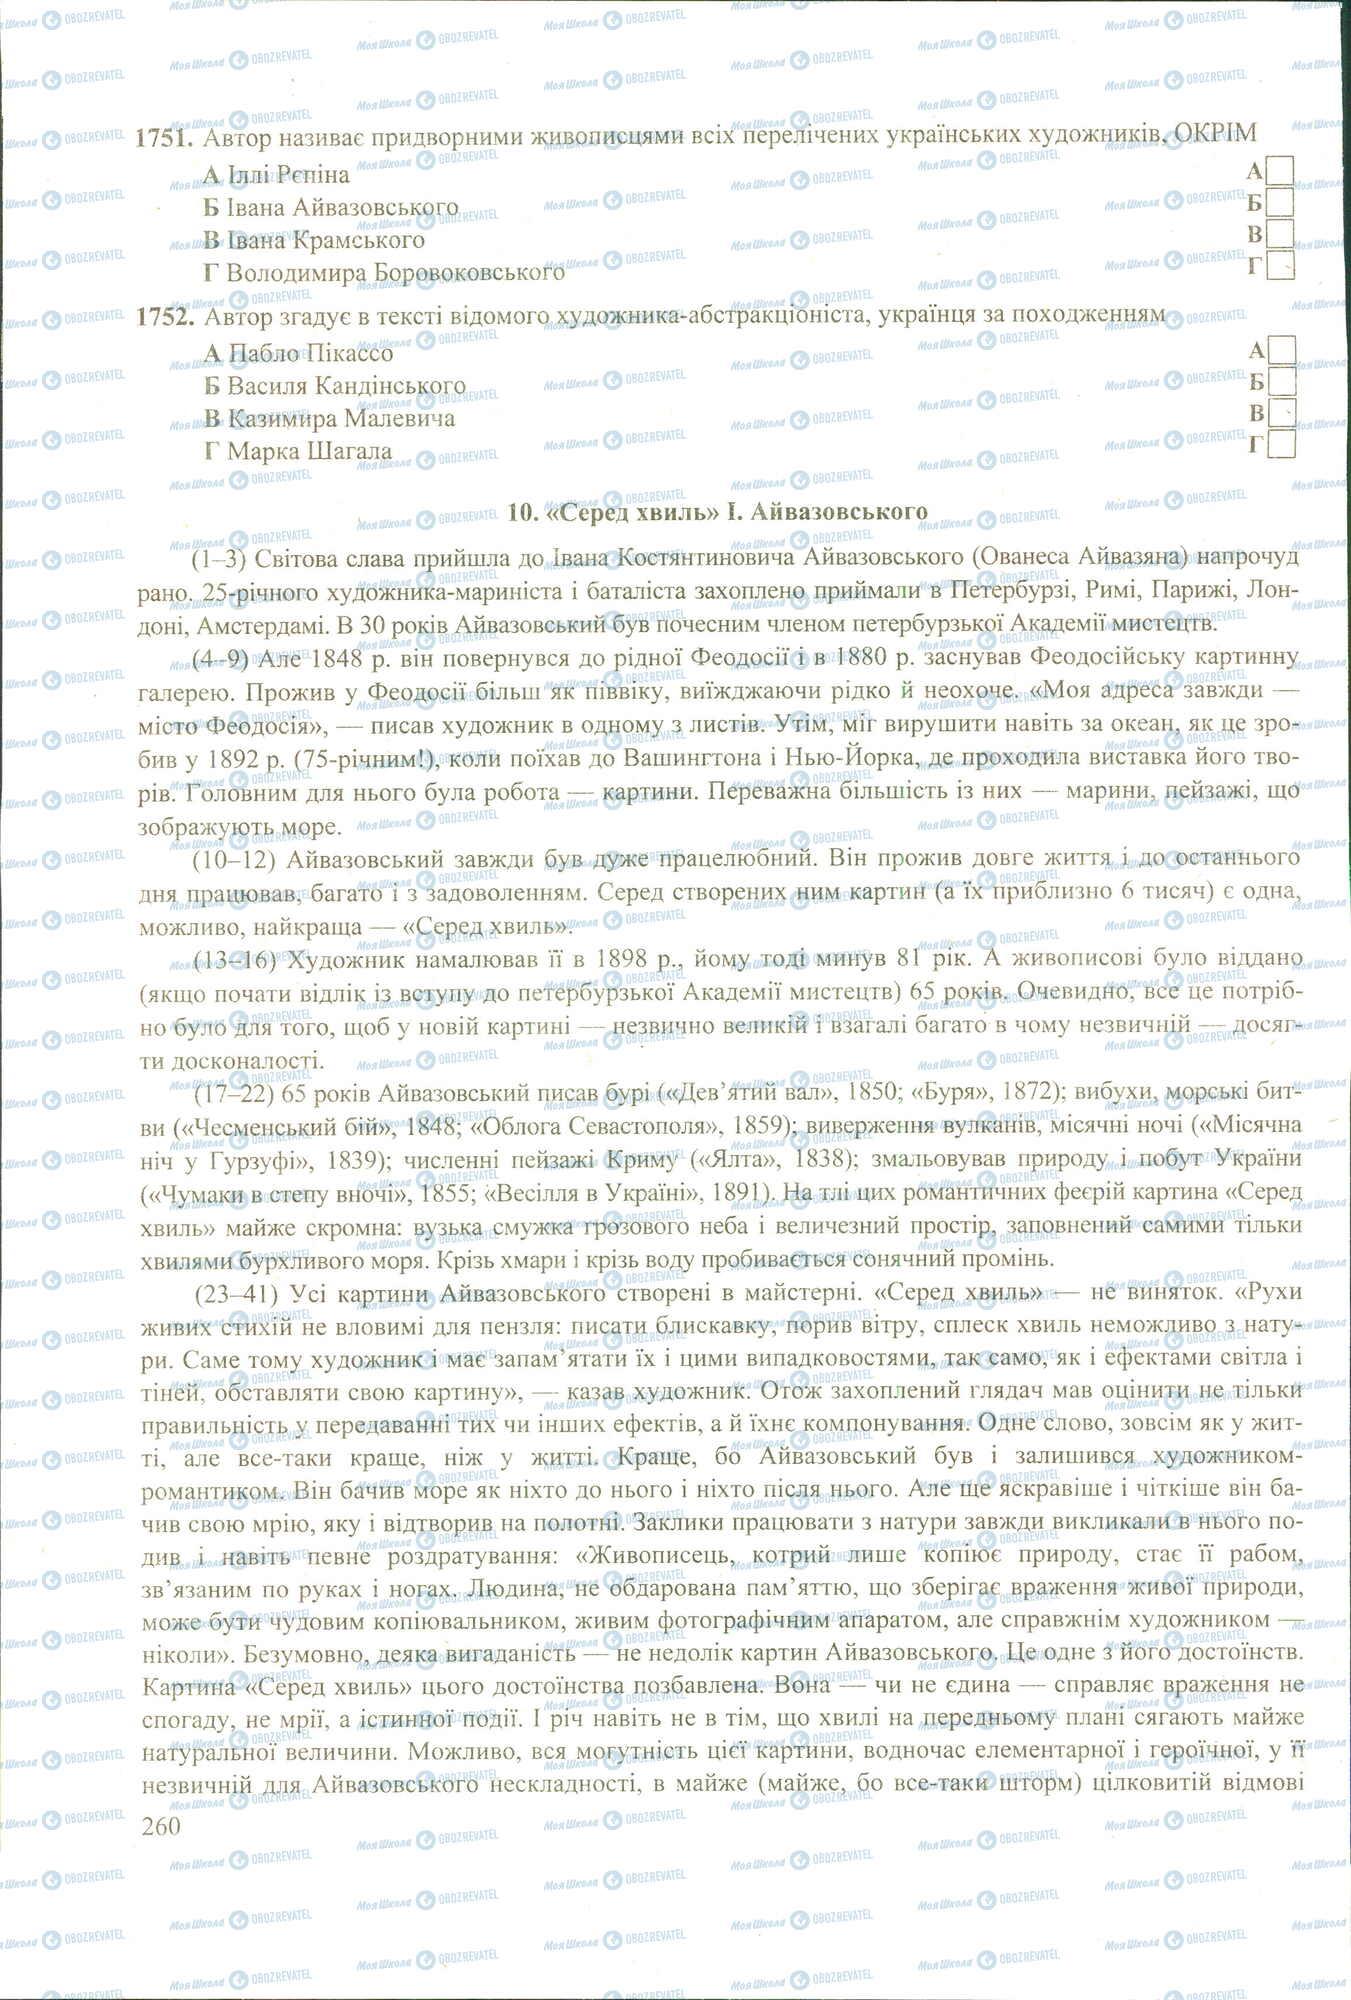 ЗНО Українська мова 11 клас сторінка image0000604B